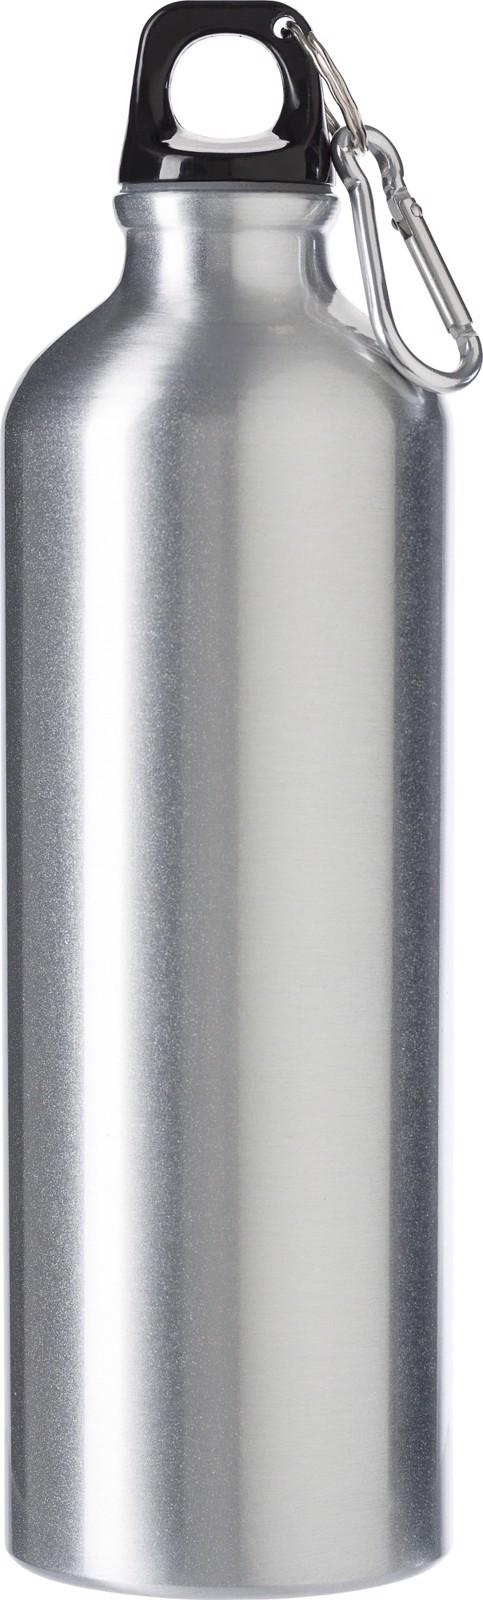 Aluminium flask - Silver